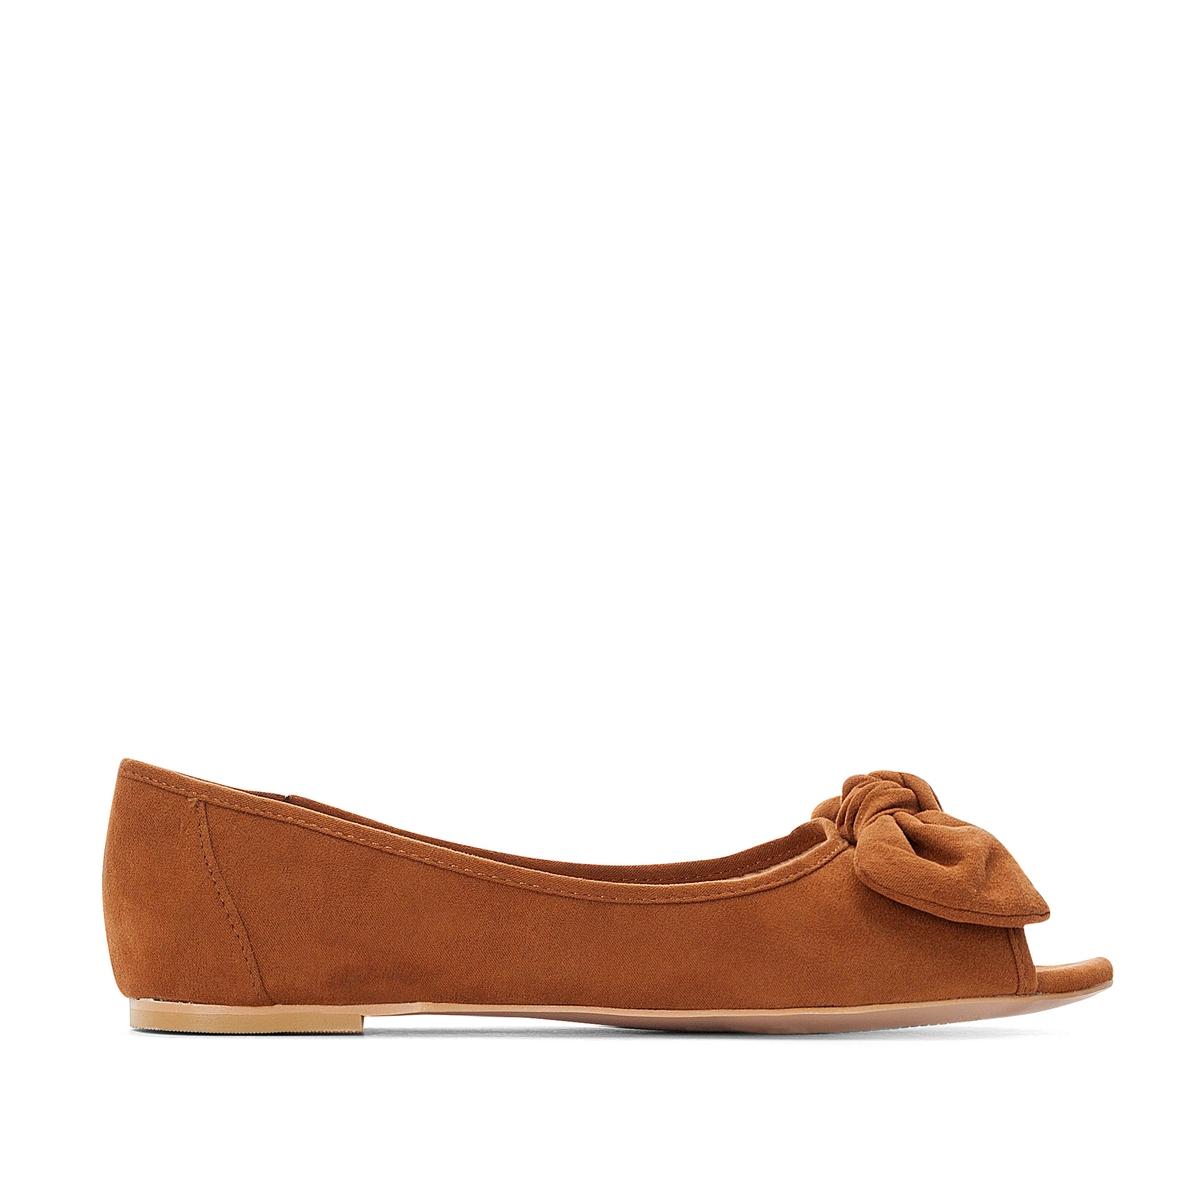 Sabrinas rasas, biqueira aberta, especial pés largos, do 36 ao 45